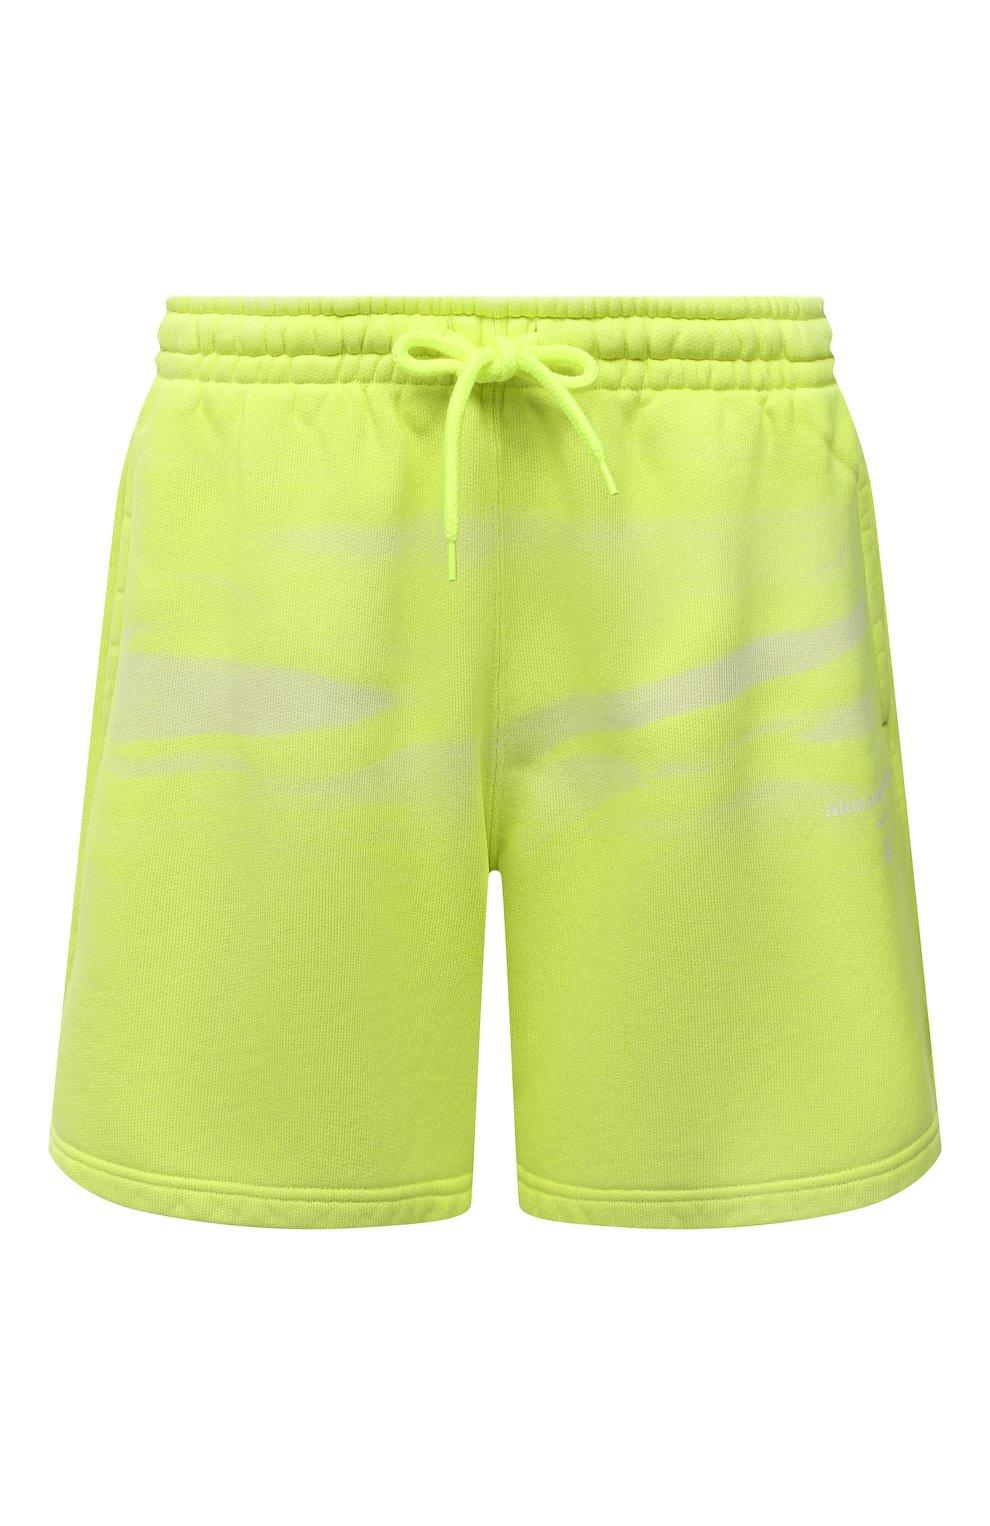 Женские хлопковые шорты ALEXANDER WANG светло-зеленого цвета, арт. UCC3214017 | Фото 1 (Женское Кросс-КТ: Шорты-одежда; Длина Ж (юбки, платья, шорты): Мини; Материал внешний: Хлопок; Стили: Спорт-шик)